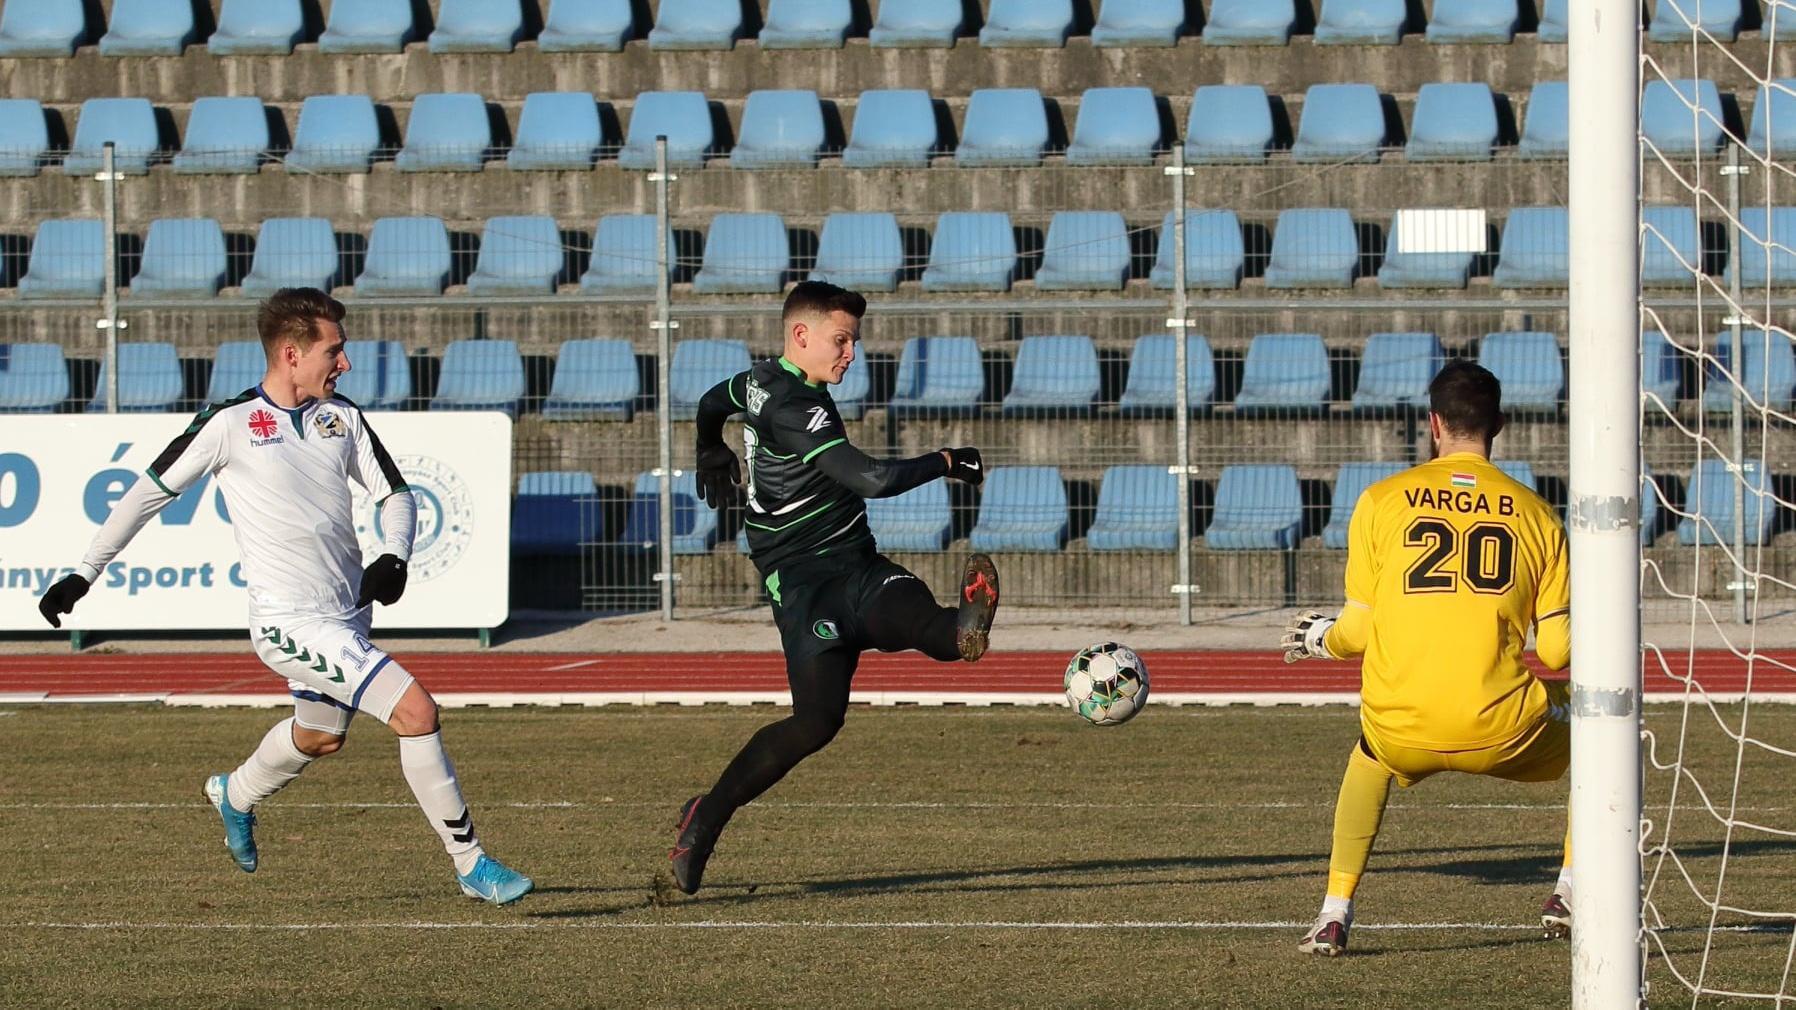 Kölcsönfigyelő: Kovács gólt lőtt, Vargával szerzett pontot a Szeged (Videó)